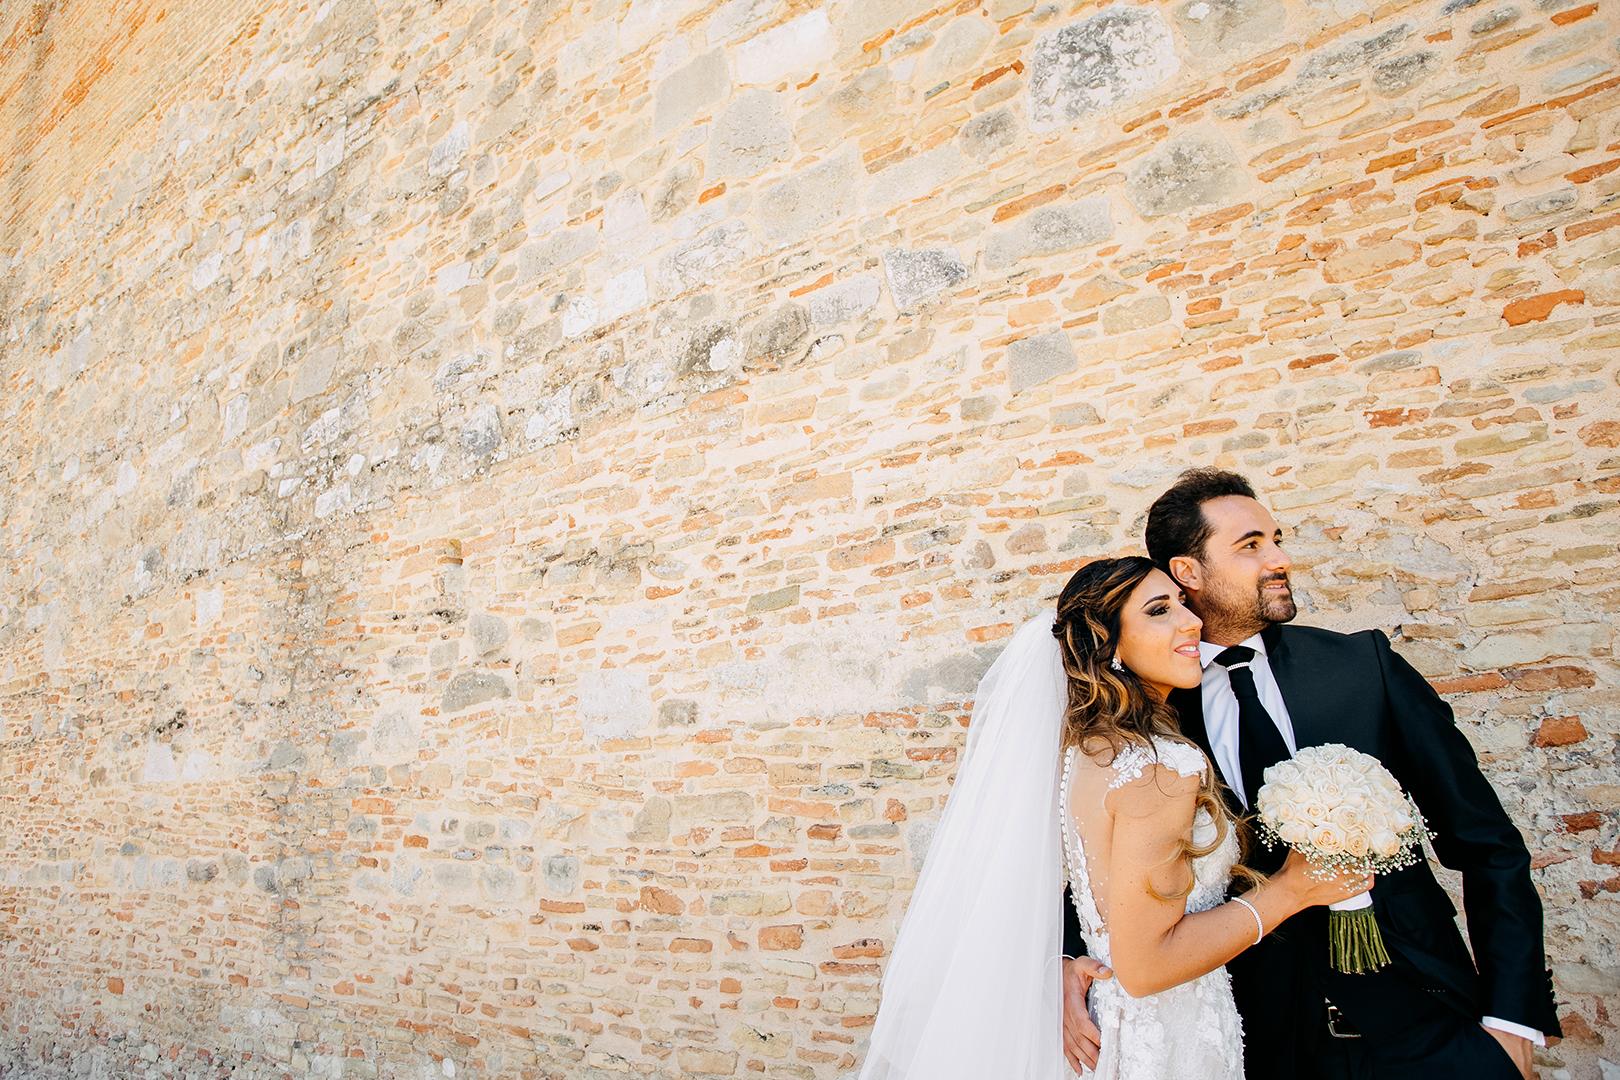 13 gianni-lepore-matrimonio-castello-lucera